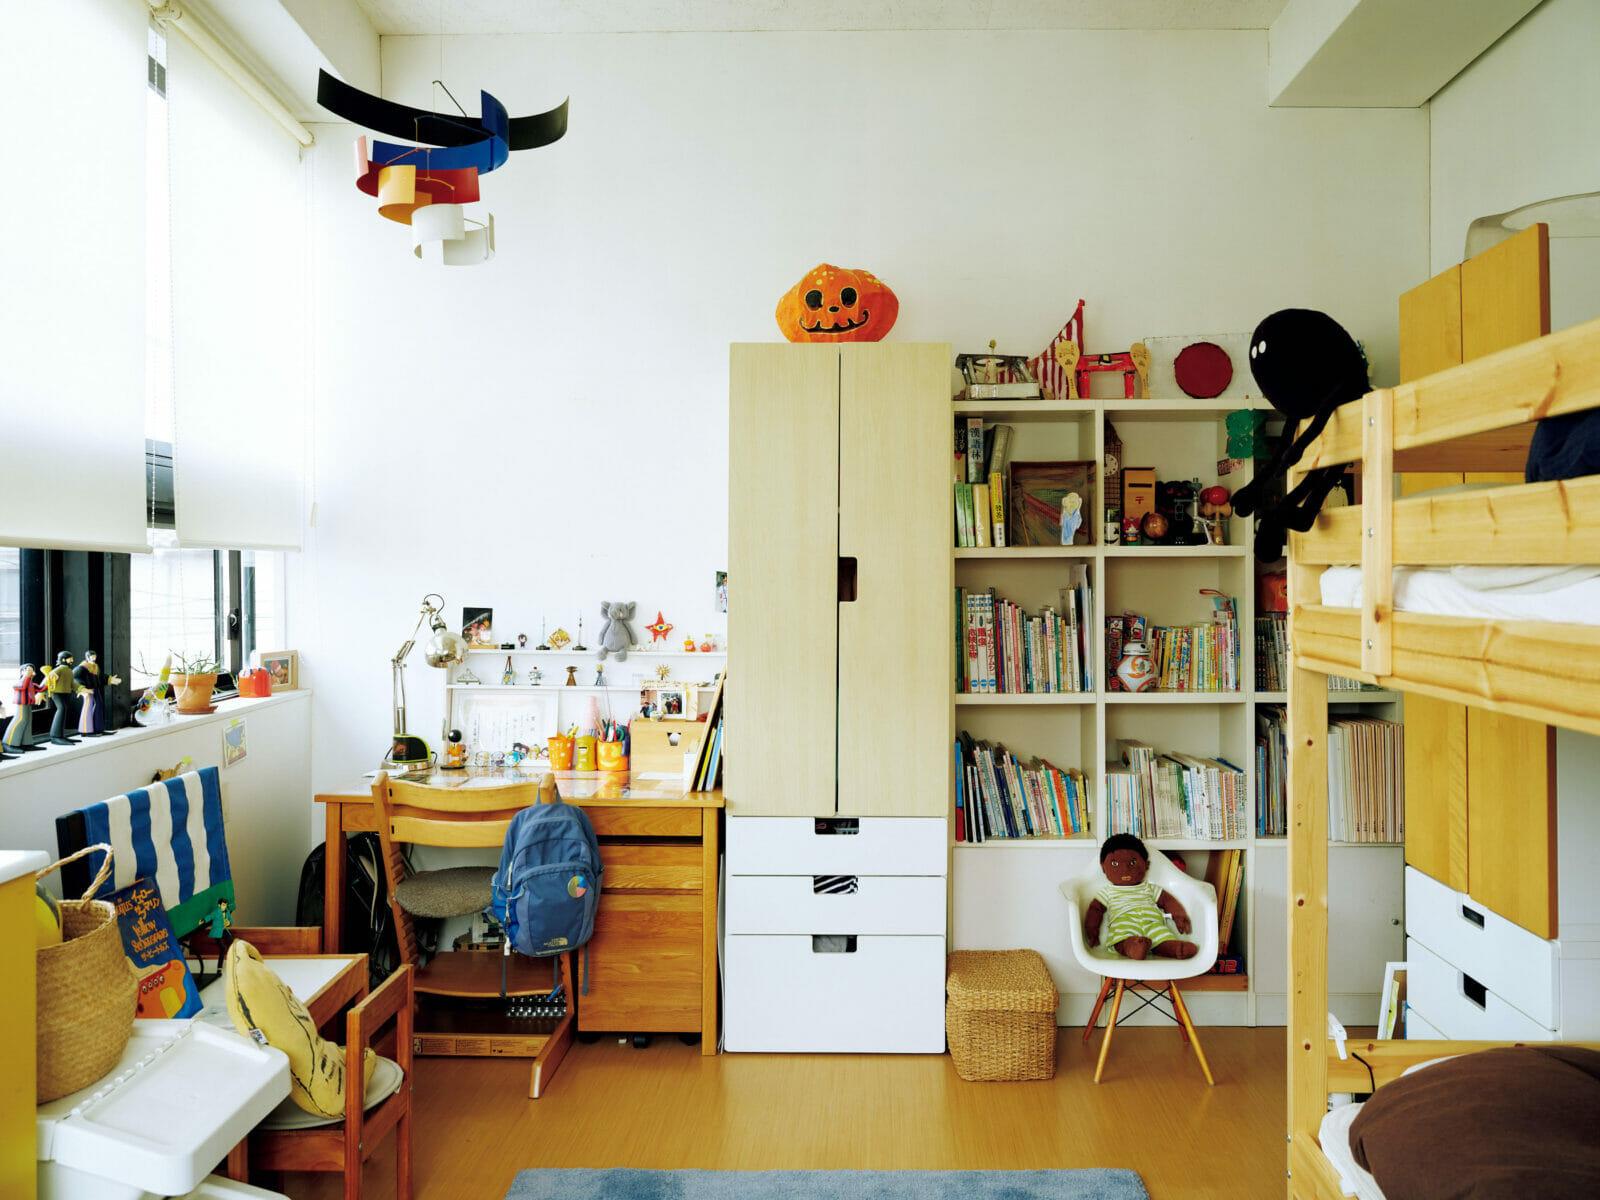 中学2年生と小学3年生、男子2人の子供室。天井や棚に飾った自作アートや小物の色使いに、楢原さんからの影響も感じられる。「面白いですよね。僕自身の家づくりも、古い映画が好きで建築の仕事をしていた父の影響を受けてますから」と楢原さん。